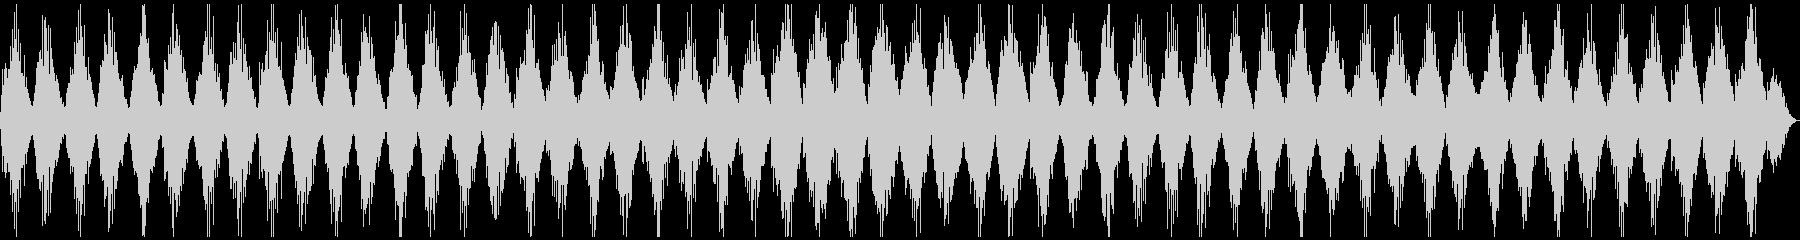 瞑想やヨガ、睡眠誘導のための音楽 09bの未再生の波形